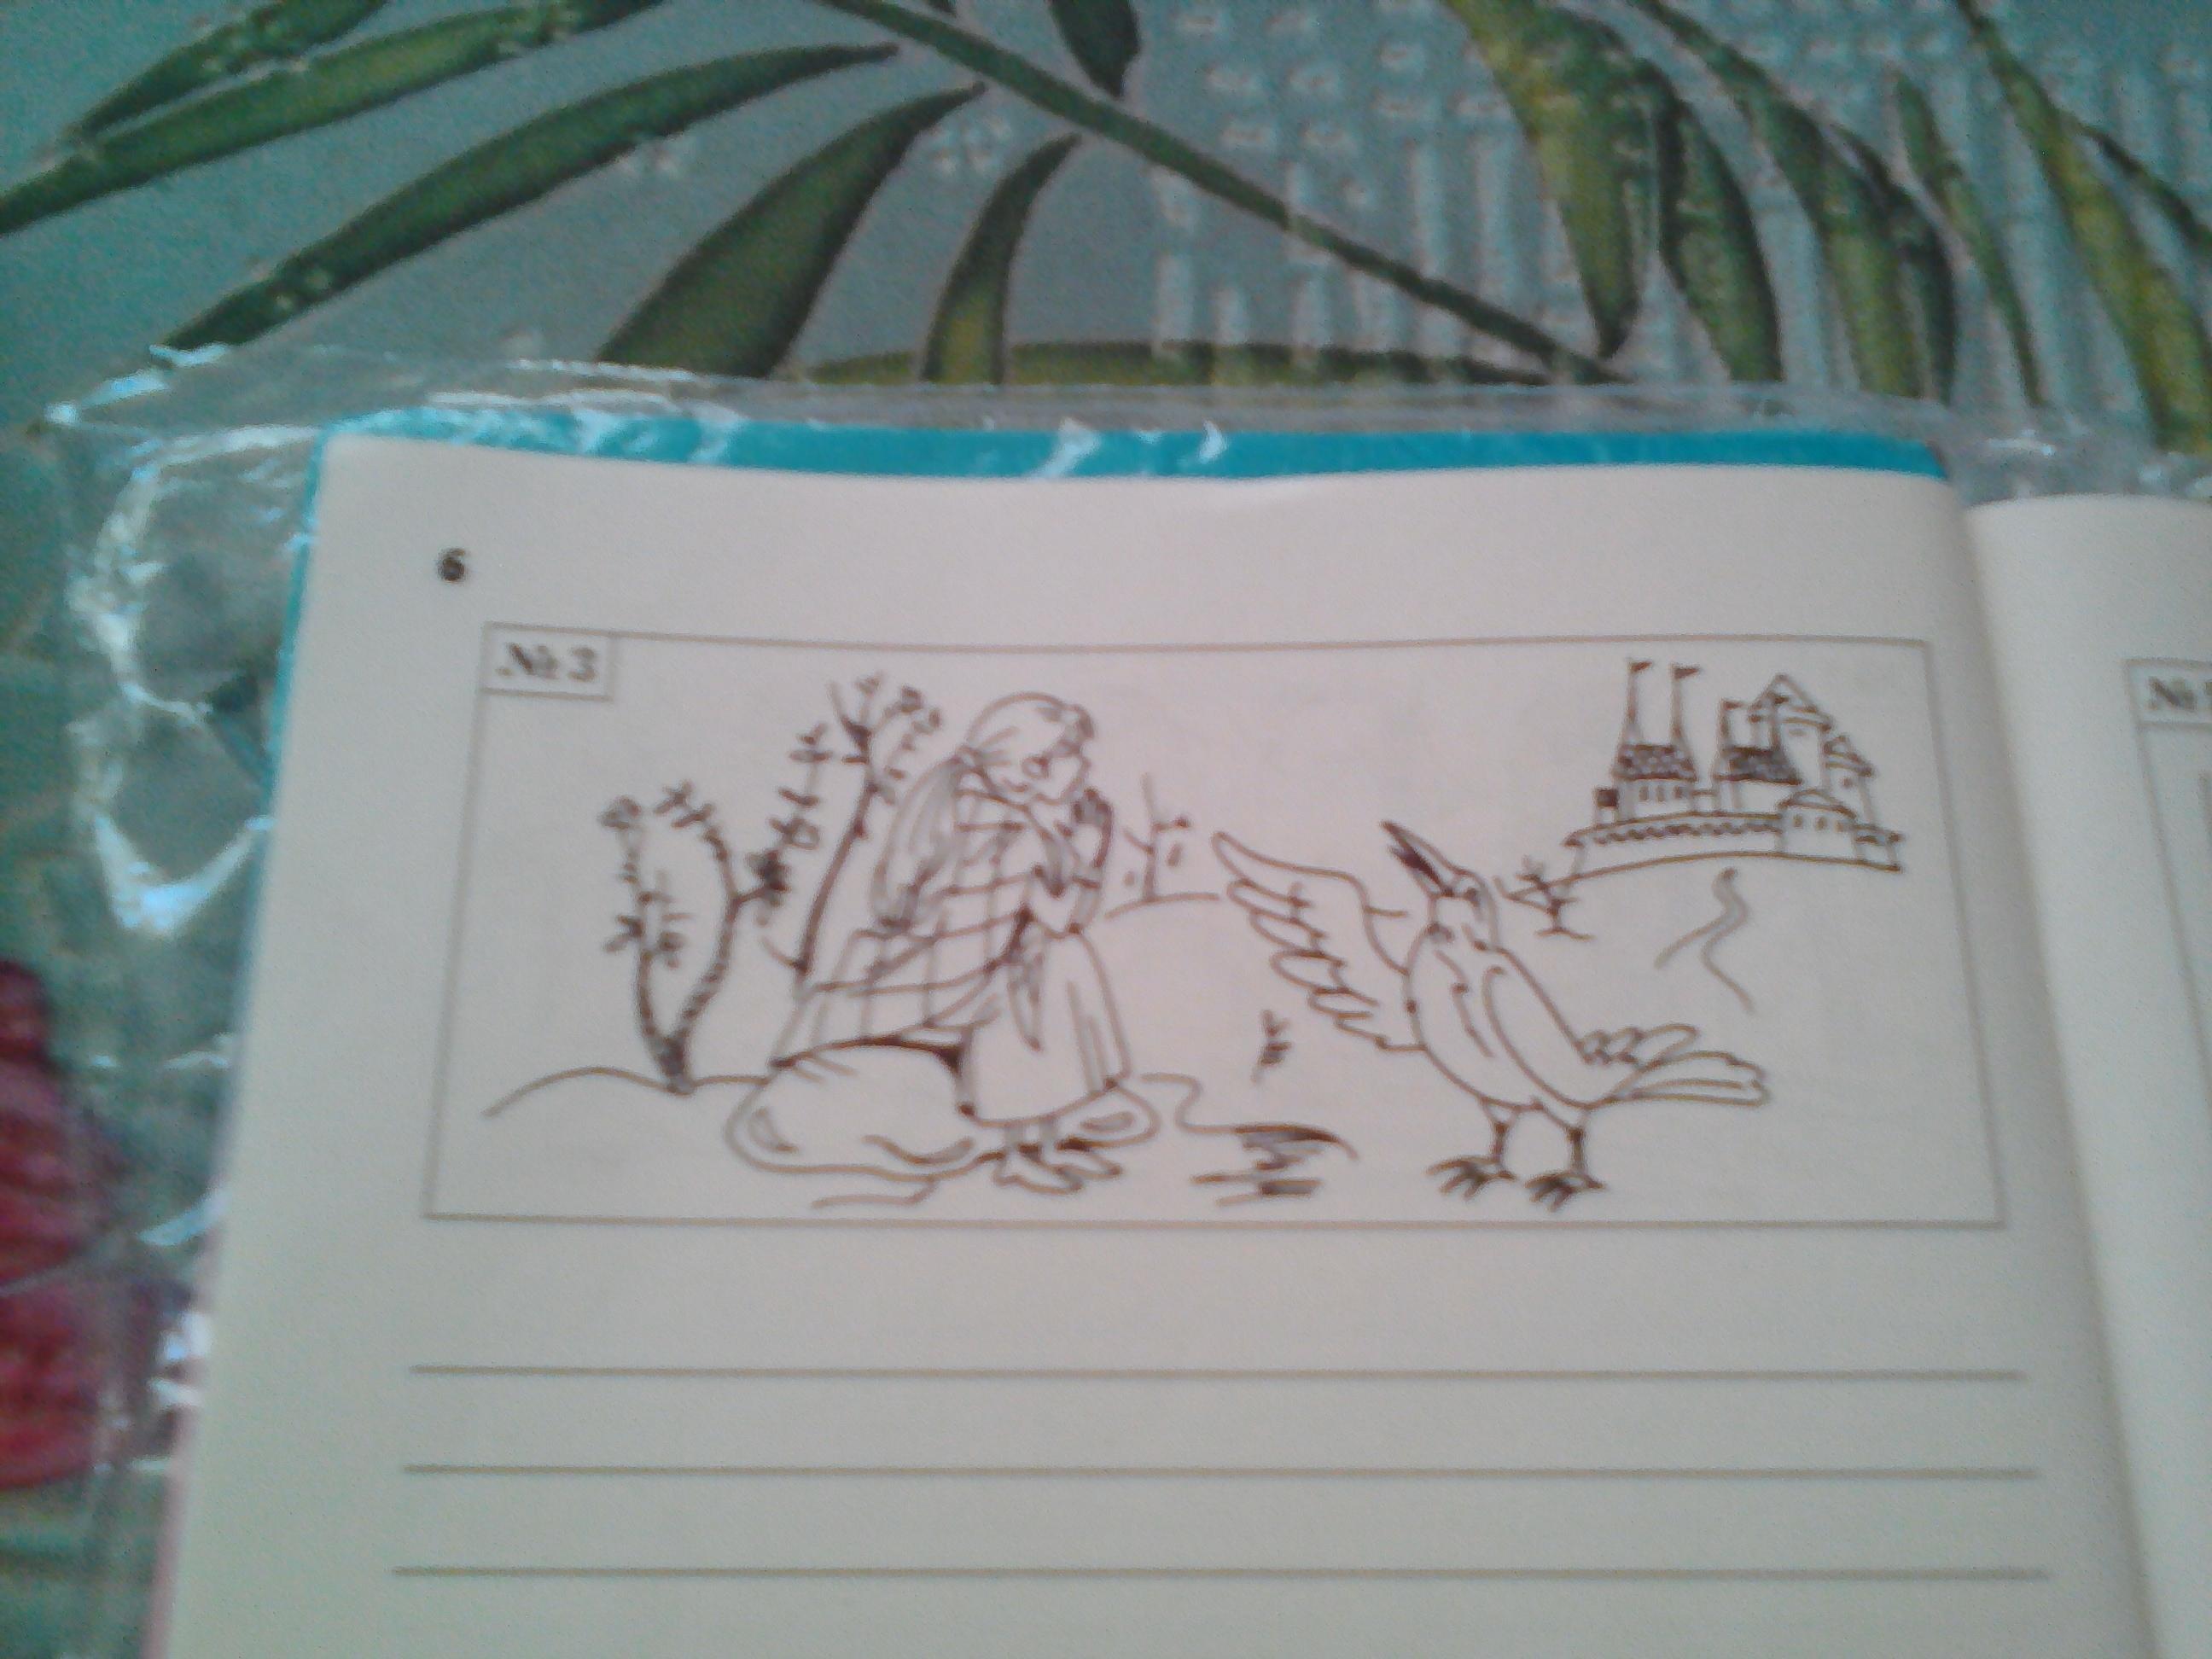 Снежная королева найти в тексте отрывки соответствующие рисункам